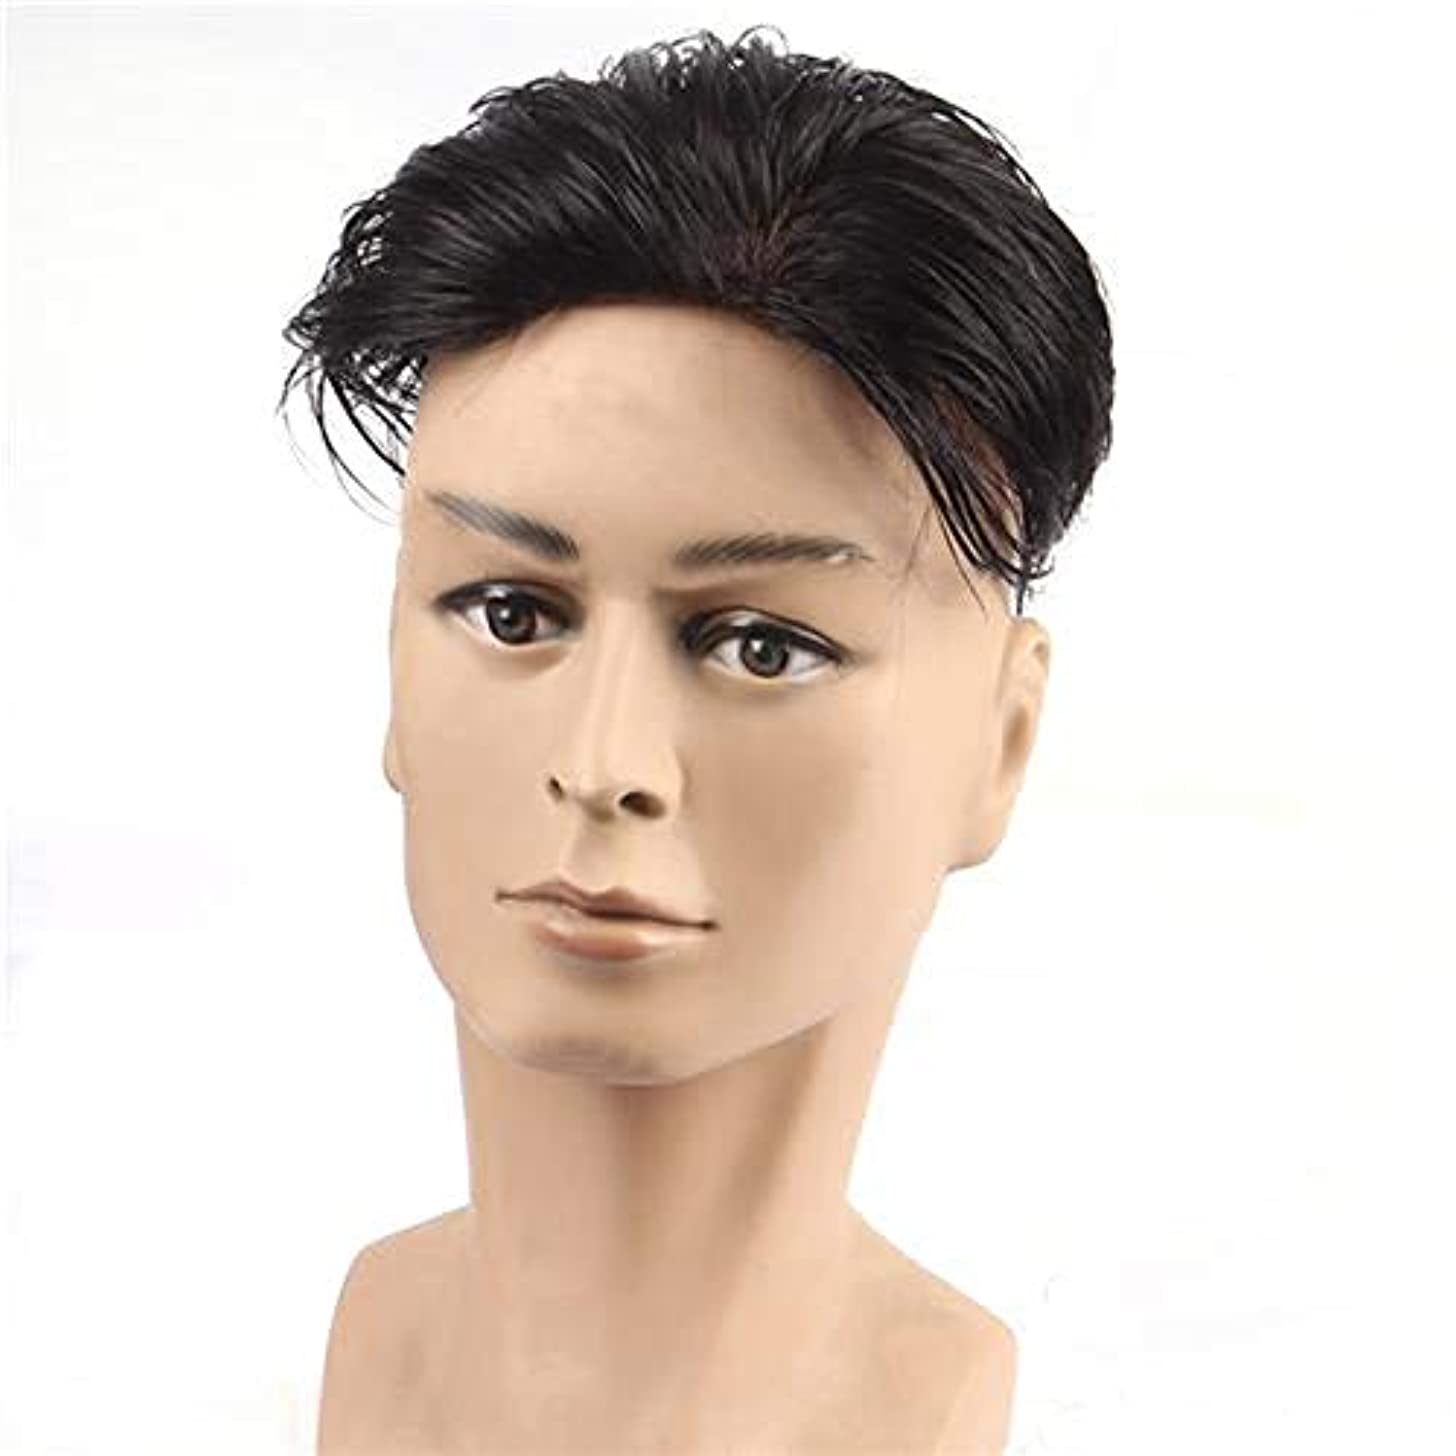 ブルゴーニュ取得陸軍YOUQIU 黒人男性ガイショートレイヤーカーリー波状のアニメのコスプレパーティーの髪カツラウィッグ (色 : Natural black, サイズ : 18x20)